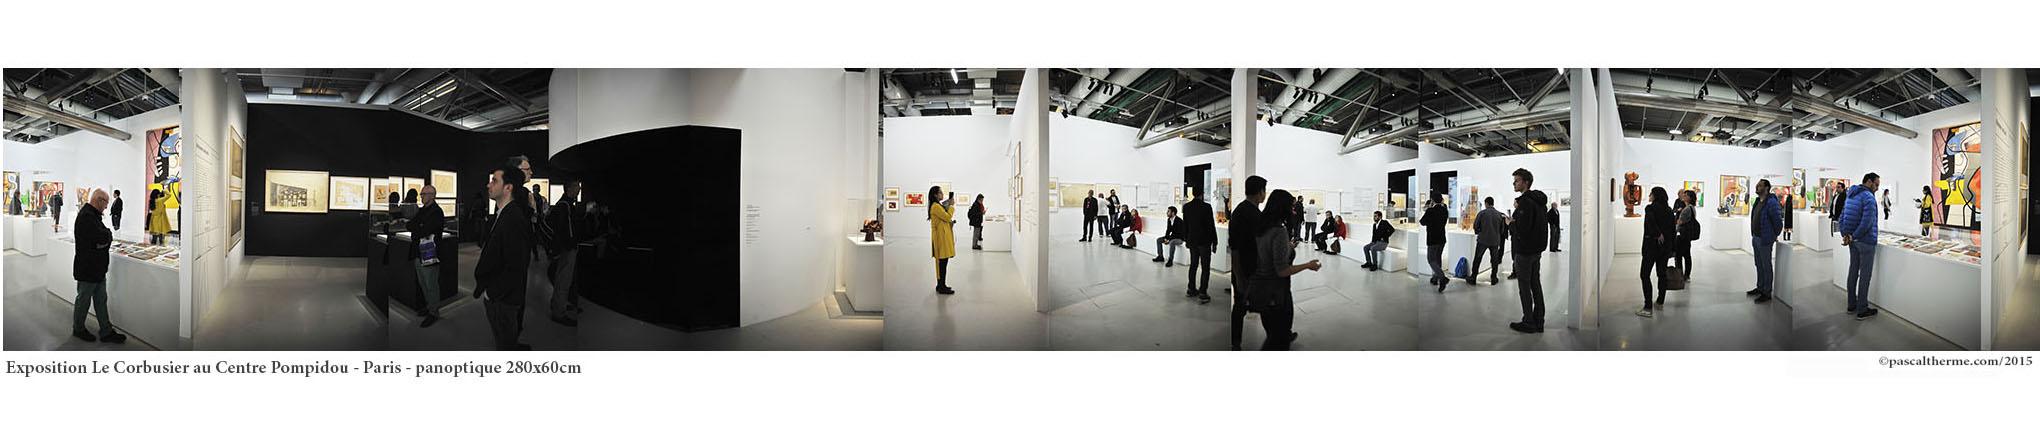 exposition LeCorbusier, Centre Pompidou, Série des Musées et expositions-©PascalTherme2015